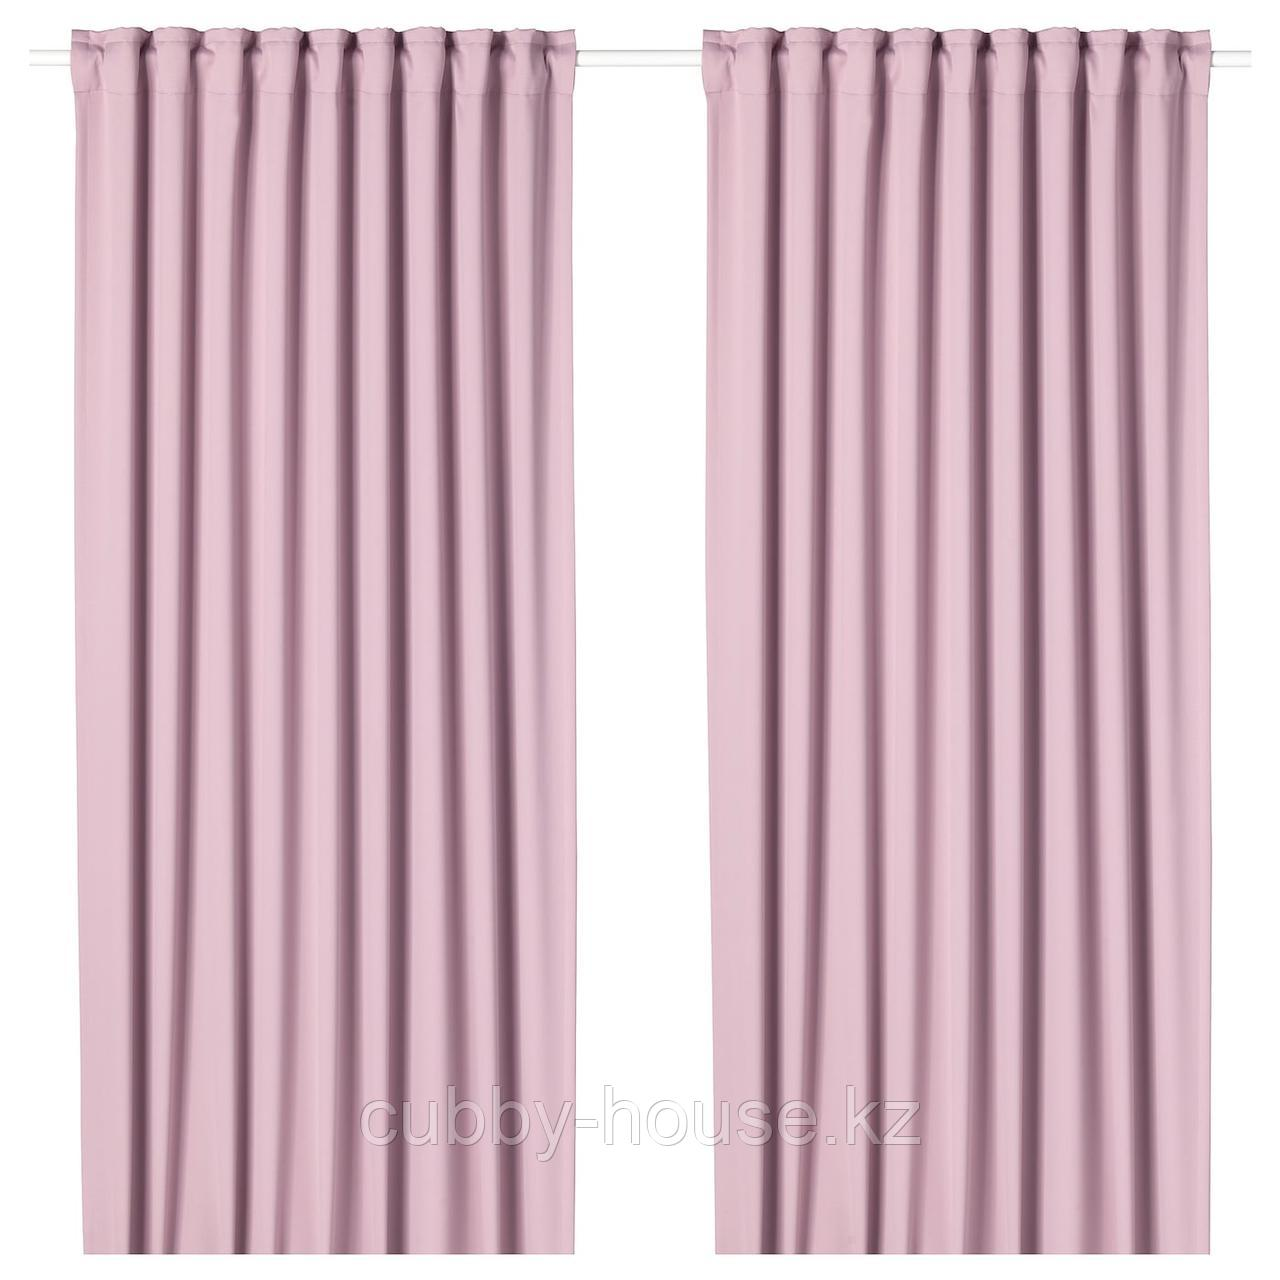 МАЙГУЛЛ Затемняющие гардины, 1 пара, светло-розовый, 145x300 см